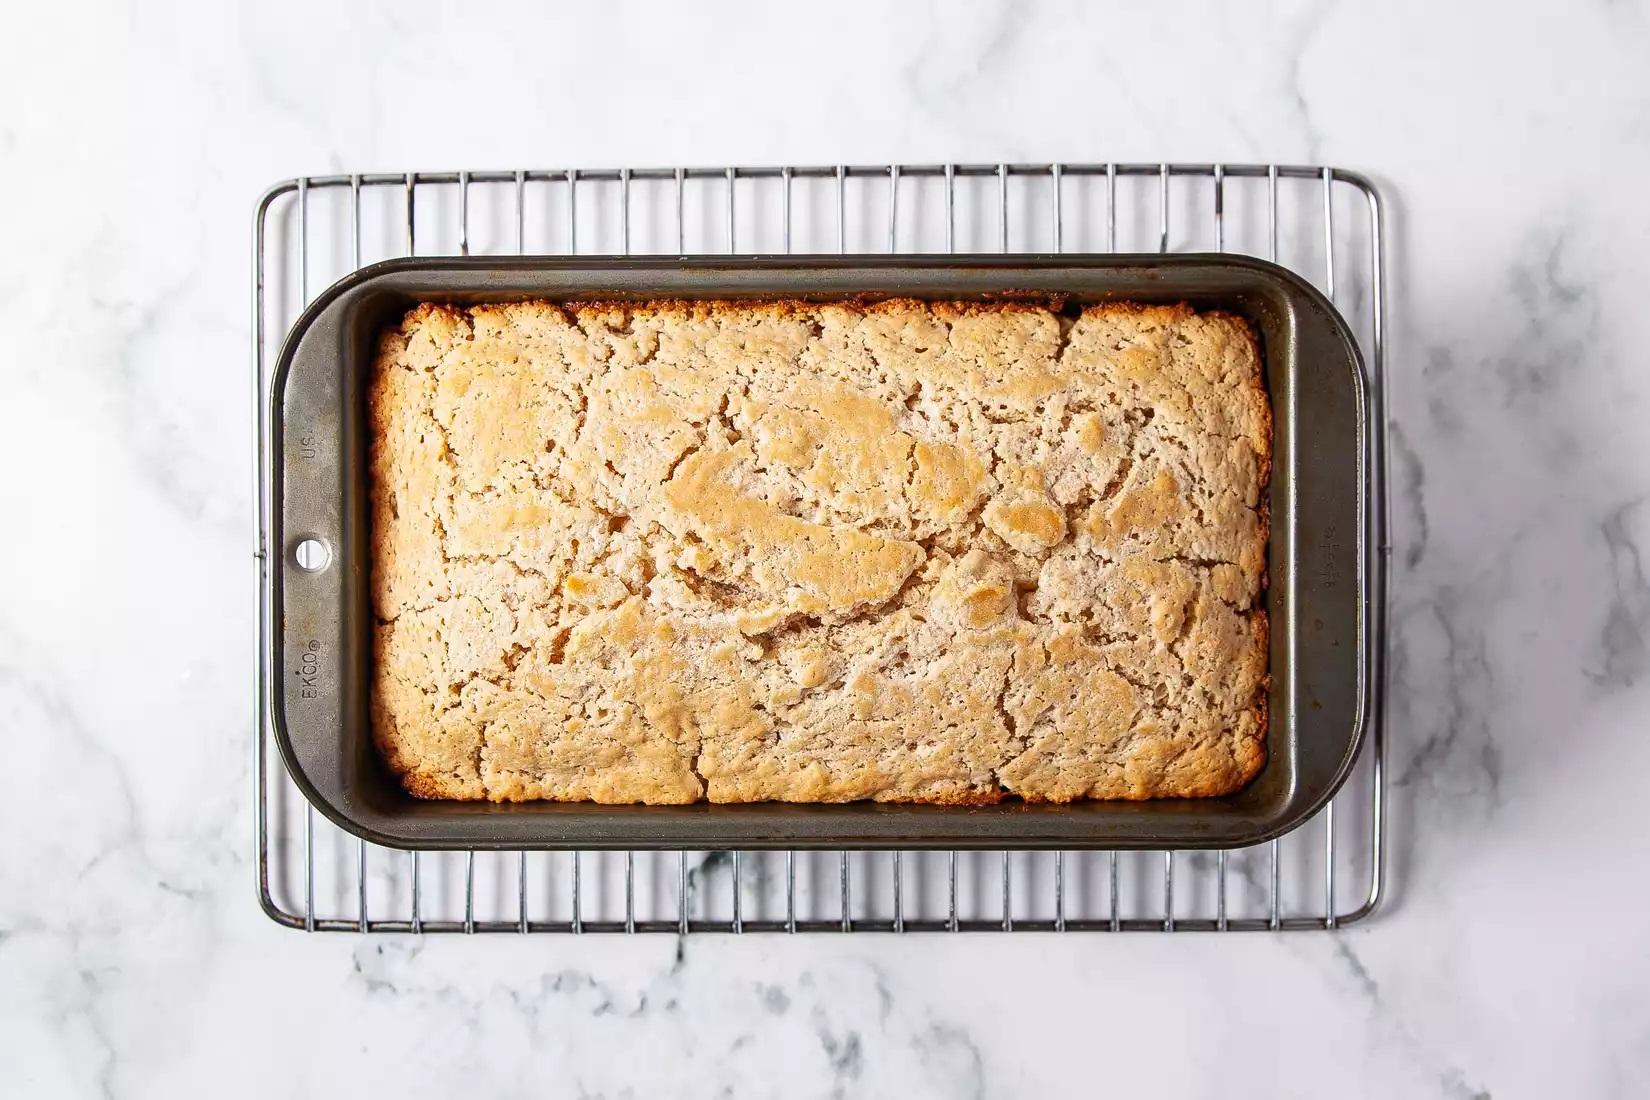 Giữ một giá đỡ dây so với mặt trên của ổ bánh và nhanh chóng, nhưng cẩn thận lật ngược nó xuống để phần trên của ổ bánh nằm ở phía dưới. Đặt sang một bên để làm mát. Điều này sẽ giúp bơ trôi trở lại ổ bánh.